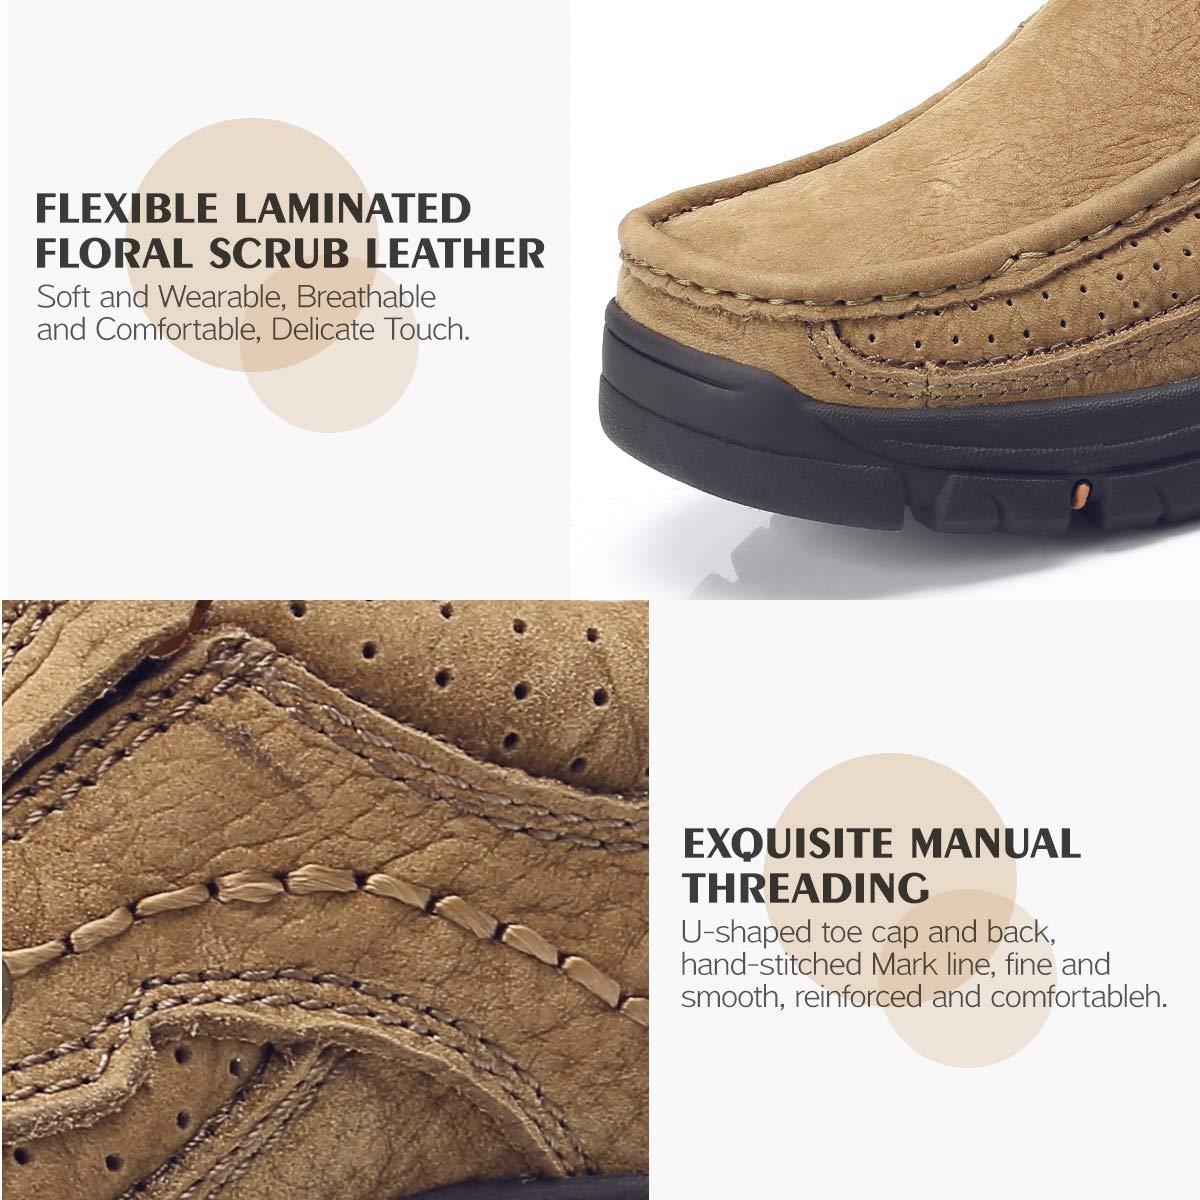 CAMEL CROWN Zapatos de Cuero para Hombres, Antideslizante Slip Ons Mocasines Transpirable Confort Moda Casual Zapatos Bajos de Conducción Negocio Oficina ...